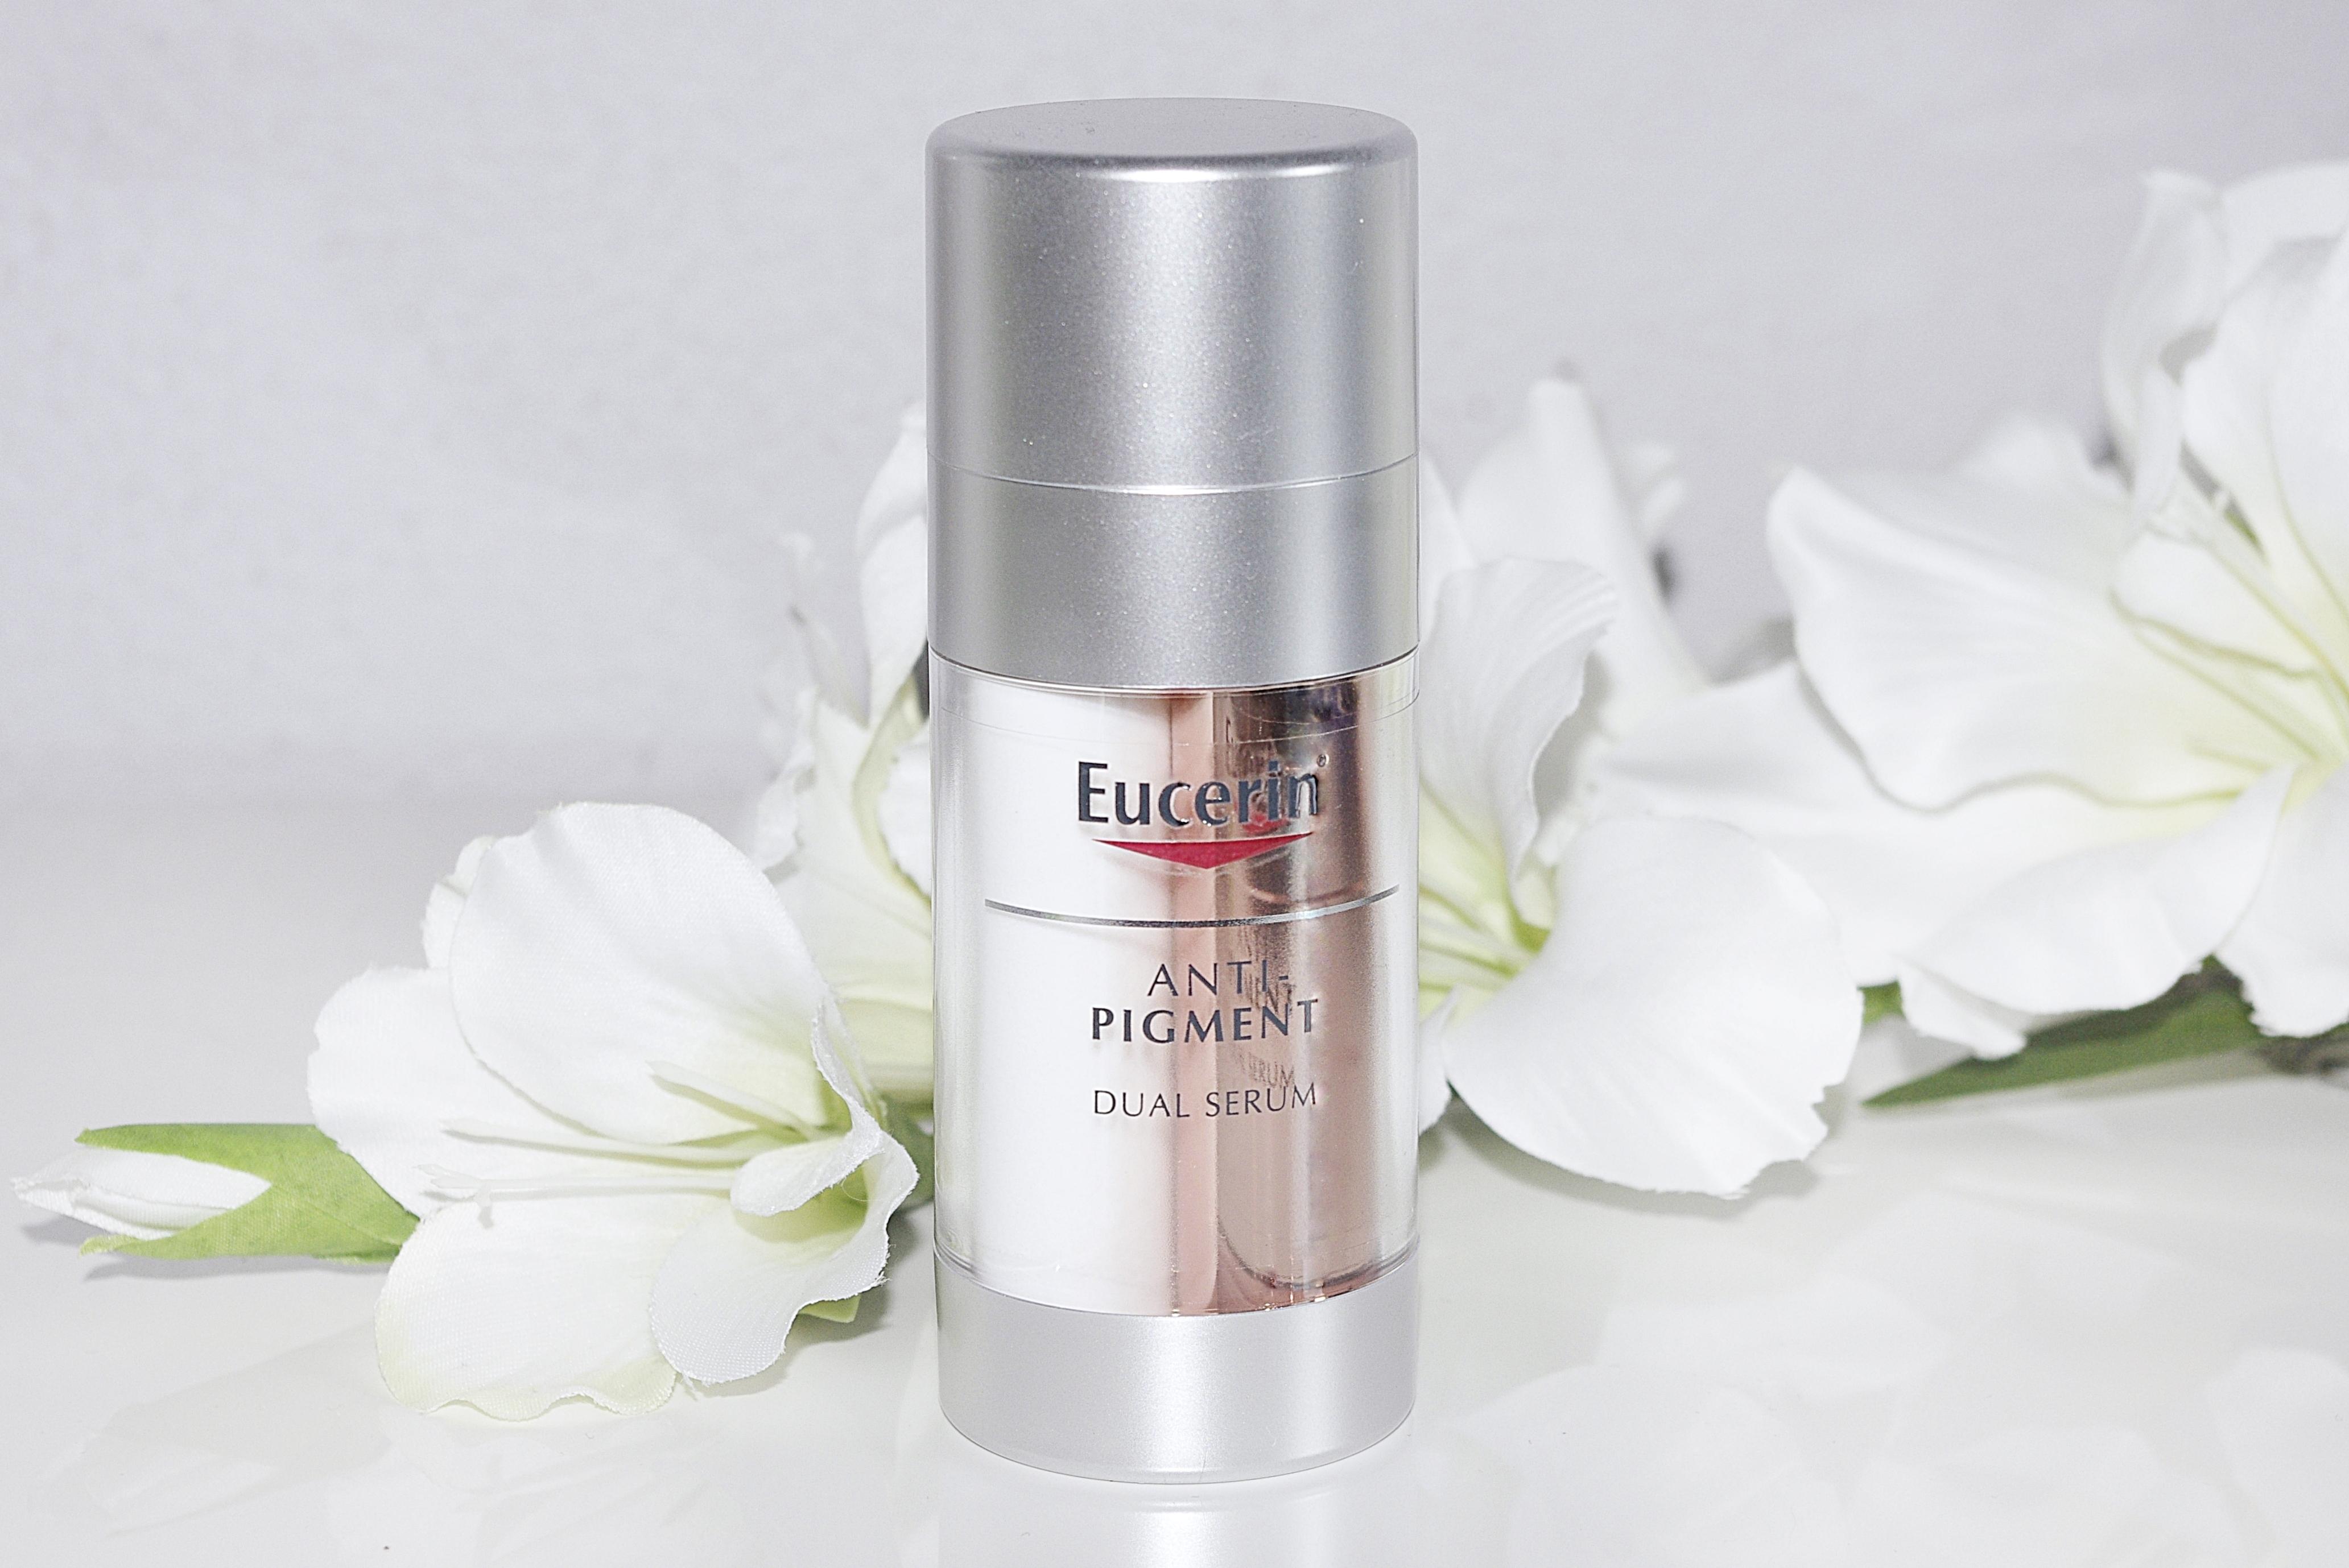 Eucerin Anti - Pigment Dual Serum